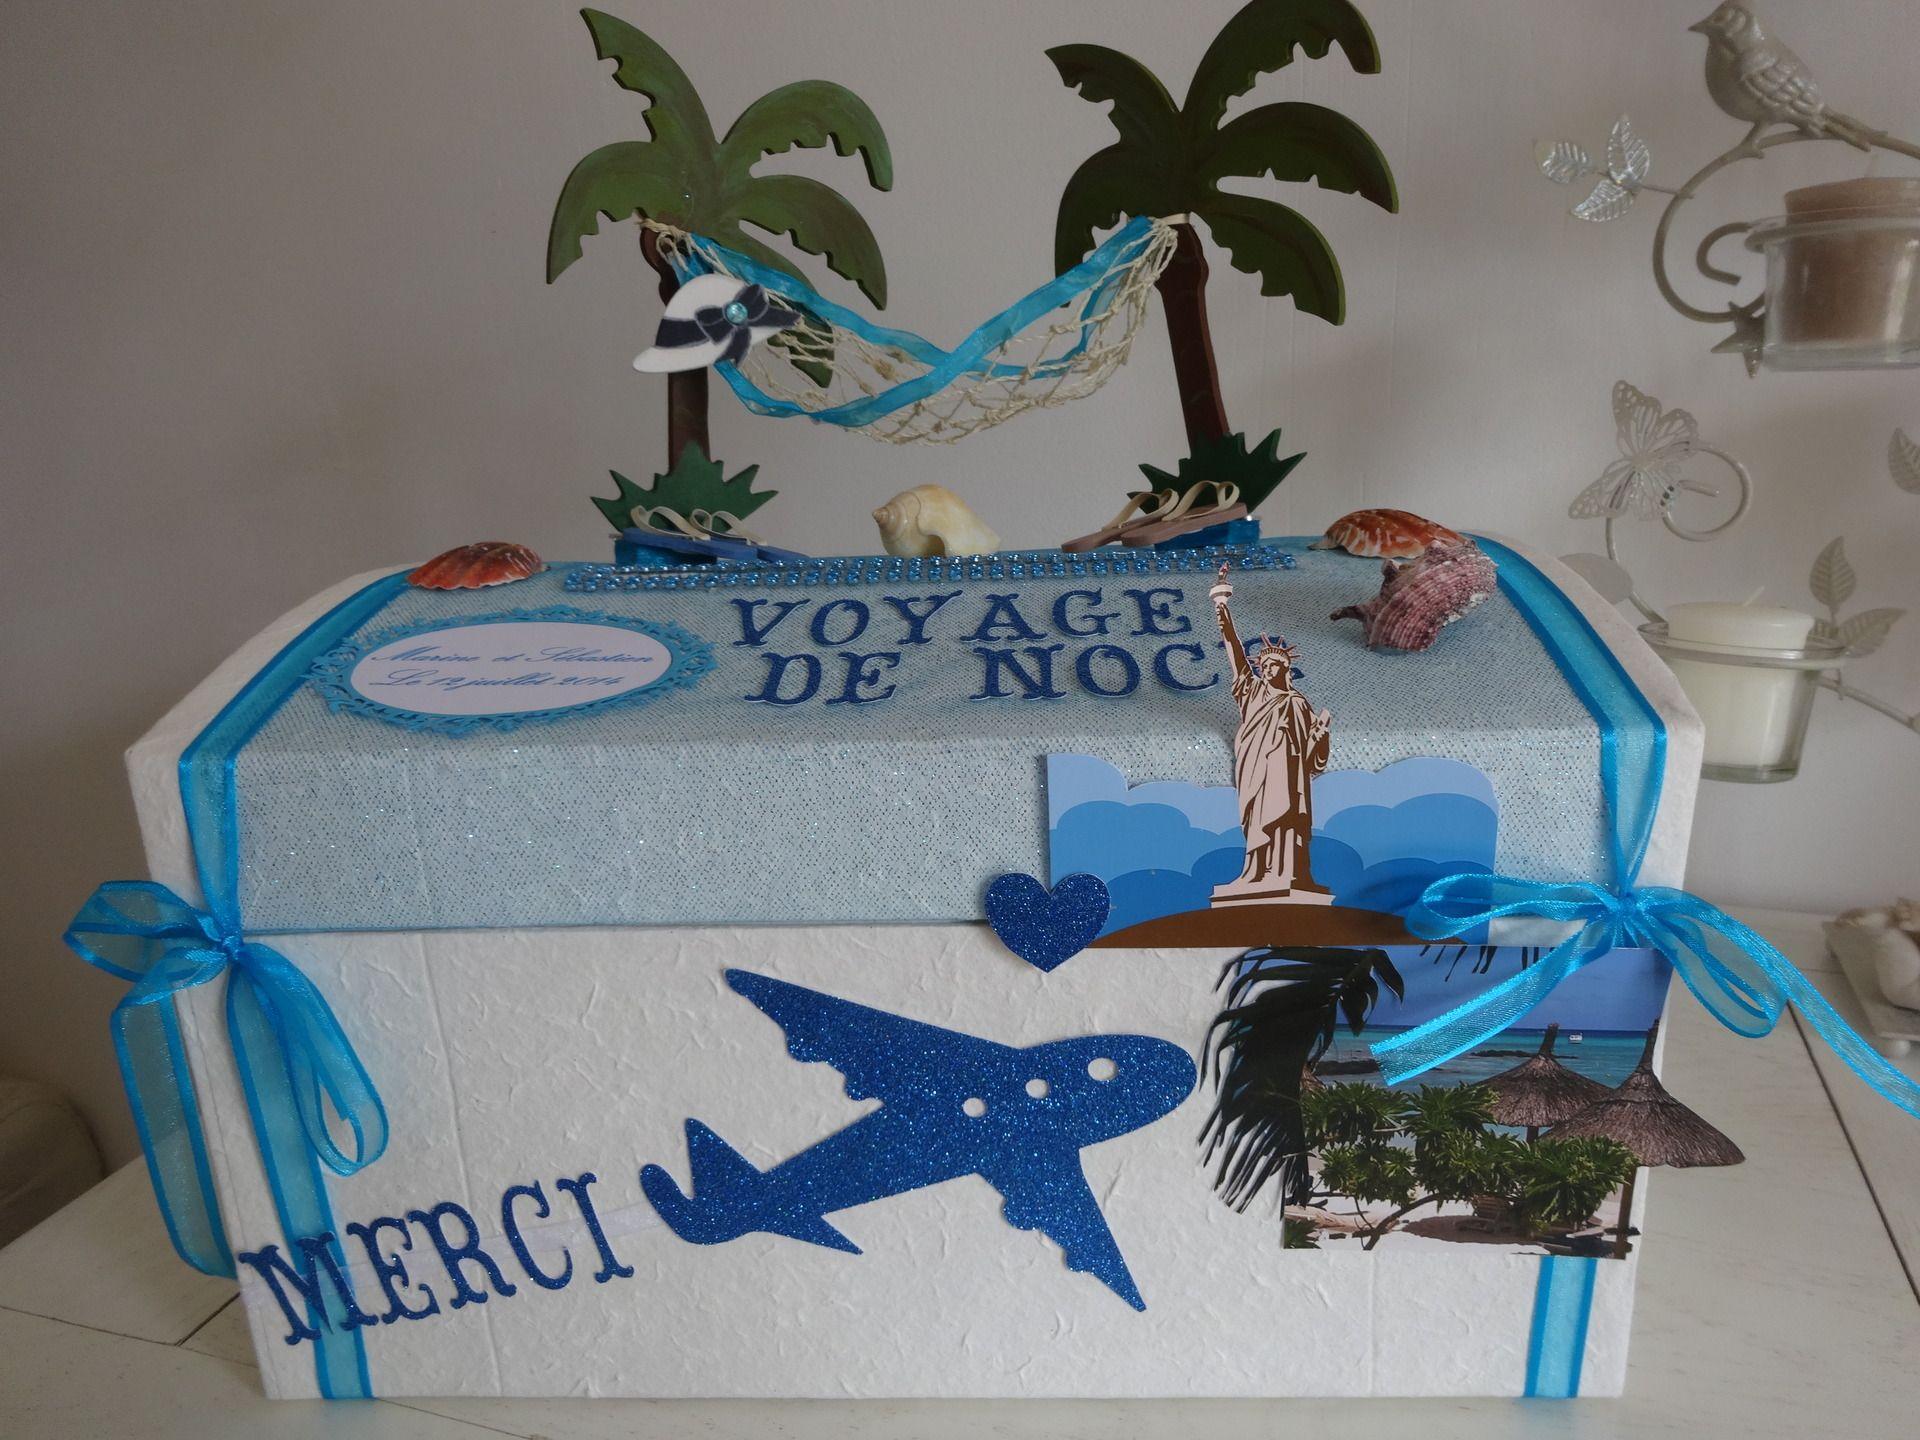 urne de mariage sur le th u00e8me du voyage de noce et du bleu turquoise   autres pi u00e8ces pour